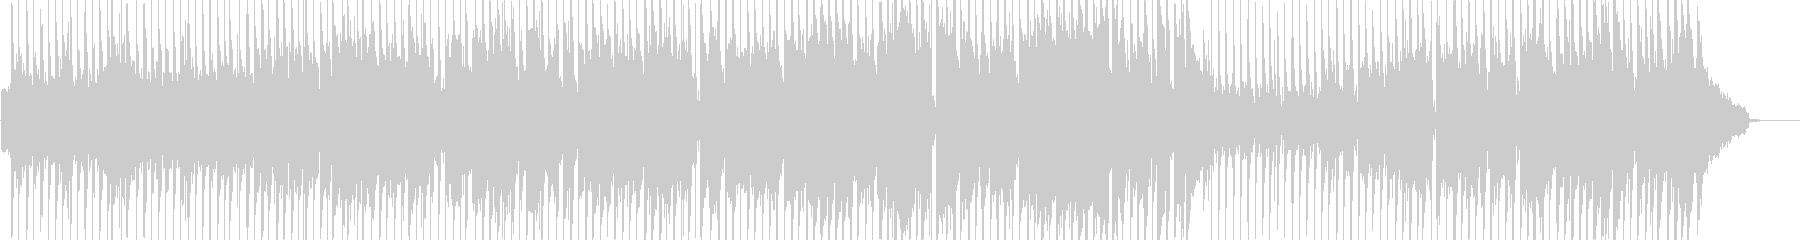 日常的過ぎるほのぼの打楽器ポップス 短尺の未再生の波形